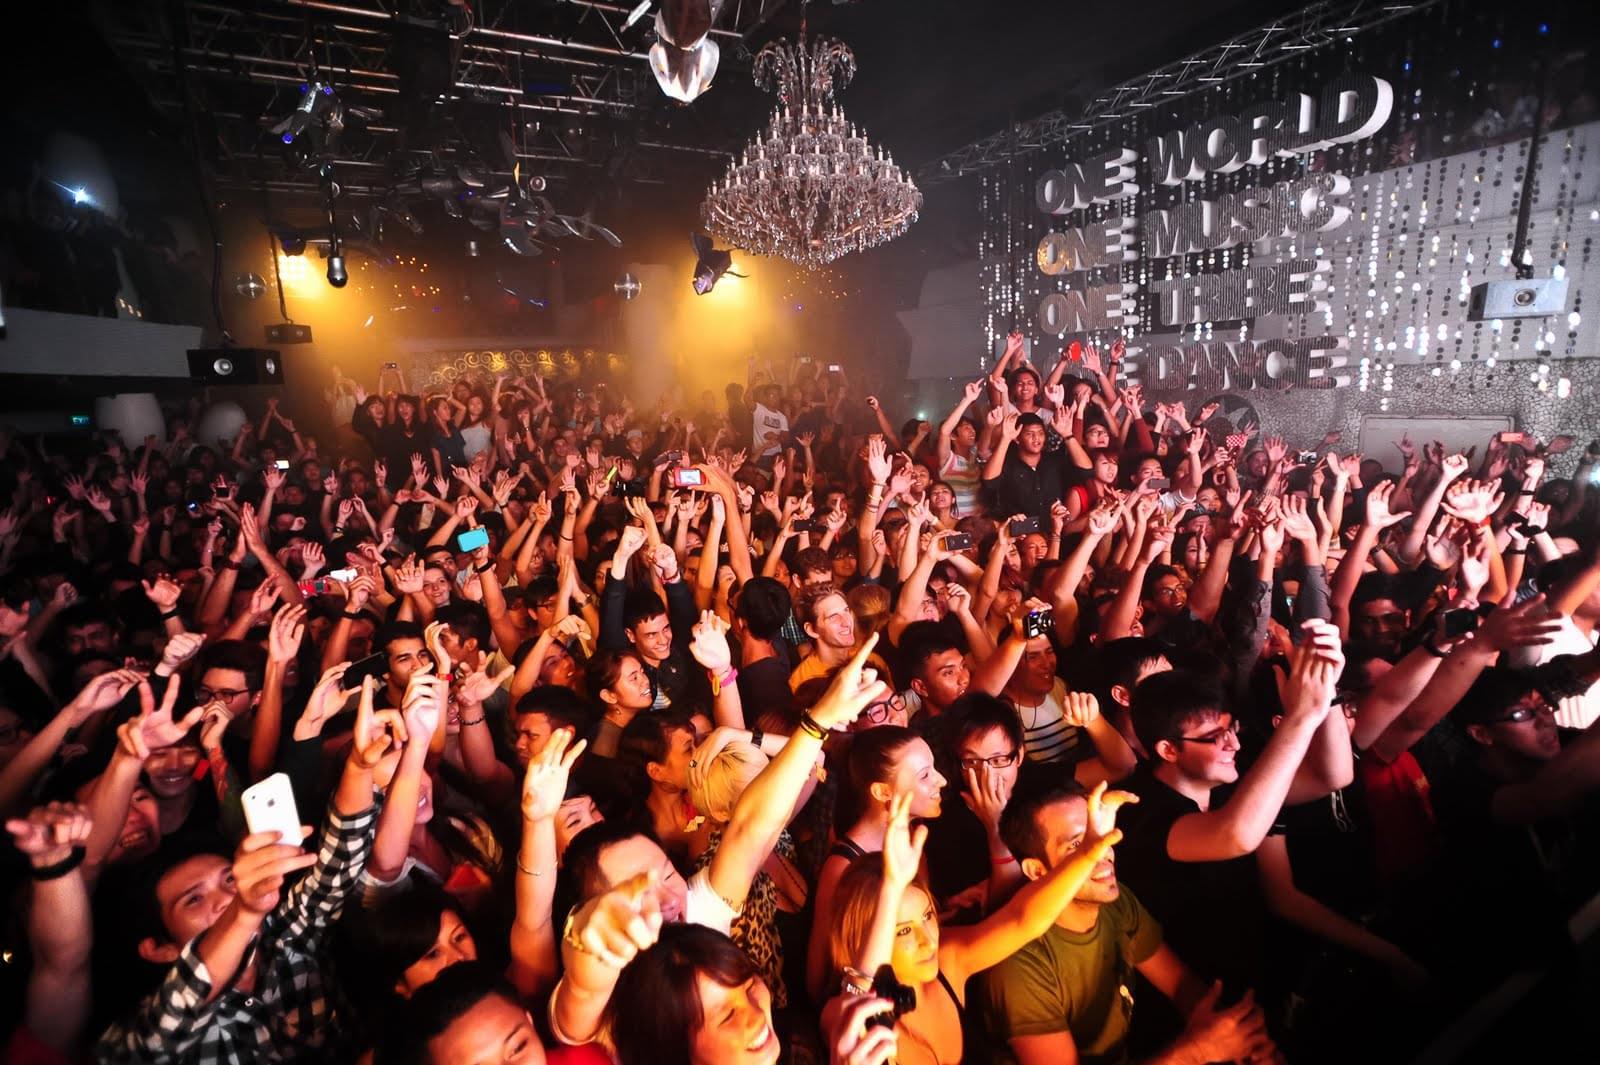 シンガポールのナイトライフを楽しむ!ナイトクラブで夜遊びしよう